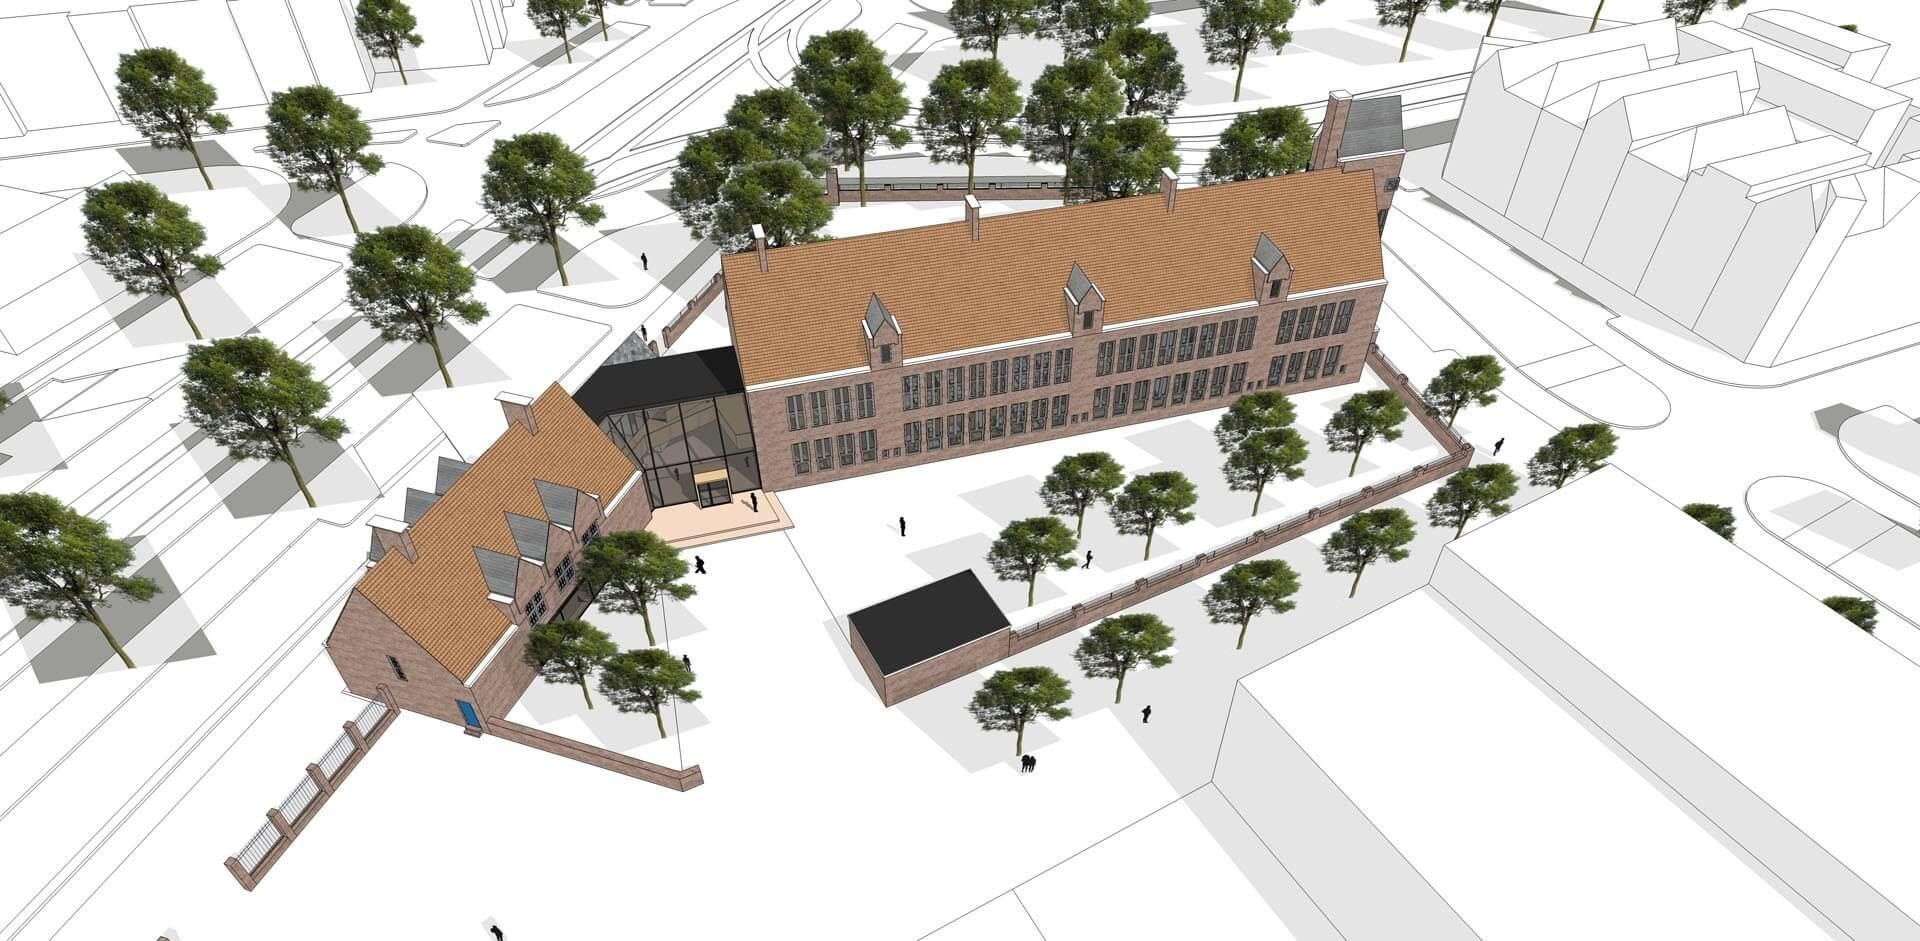 Revitalisatie basisschool OBS Bloemenhof, Rotterdam - 11